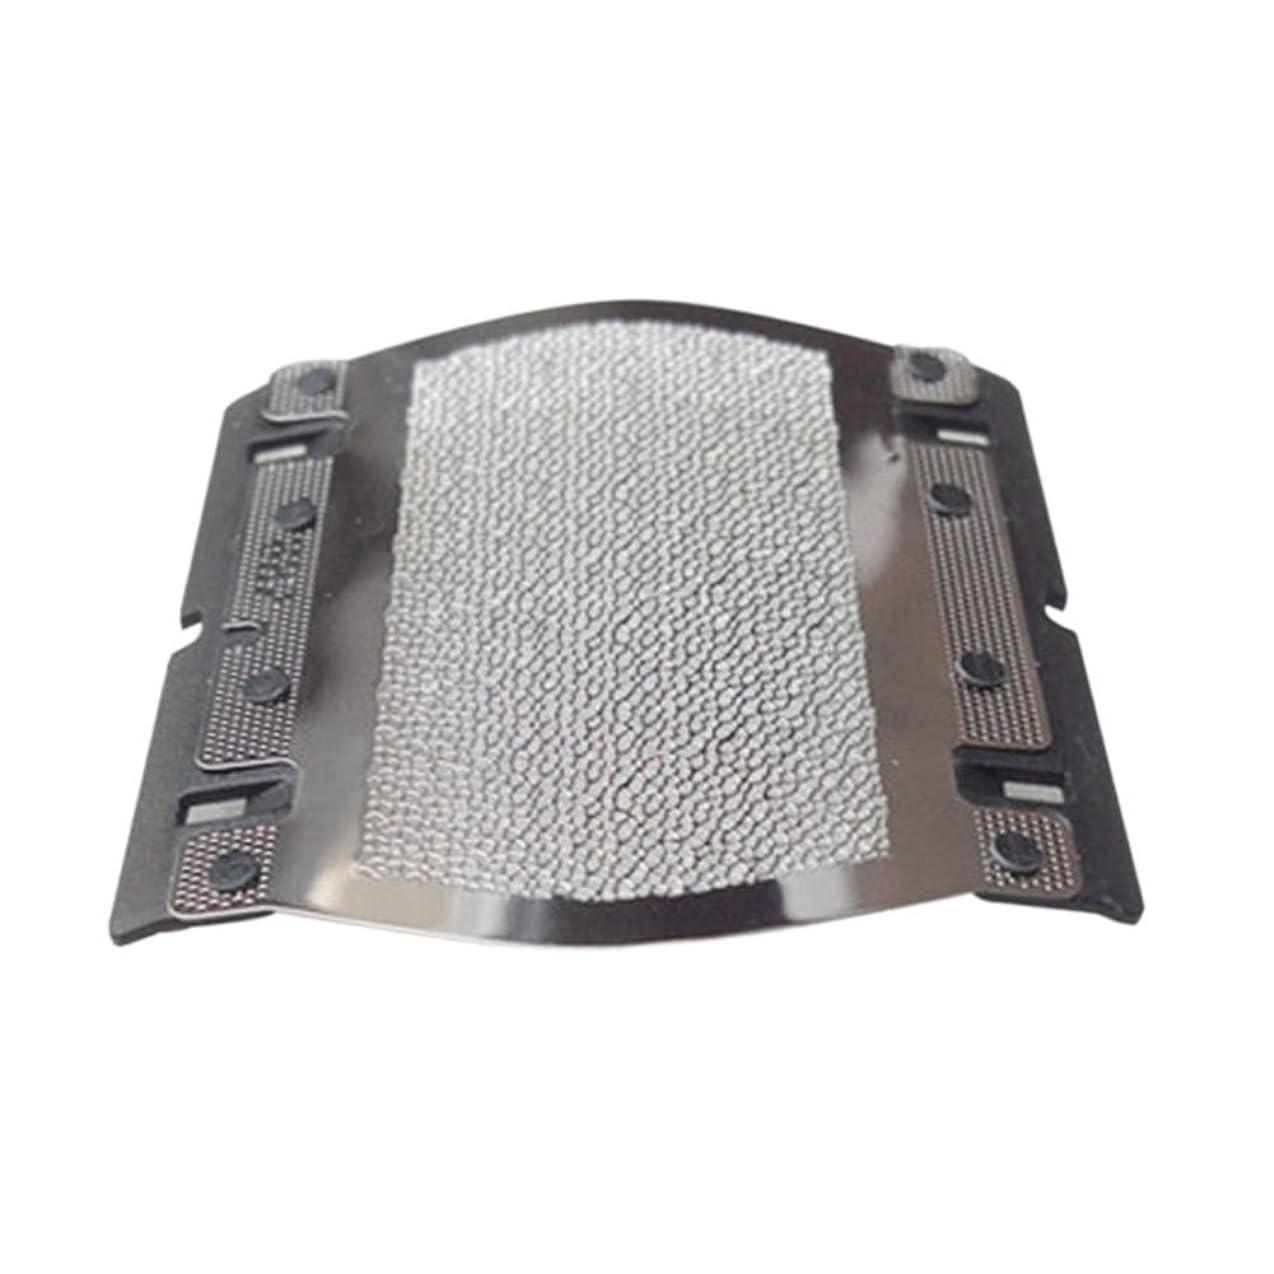 肘土器戸惑うHZjundasi Replacement シェーバーカミソリ ブレード 刃+はく 614 for Braun 350/370/P10/5614/5615